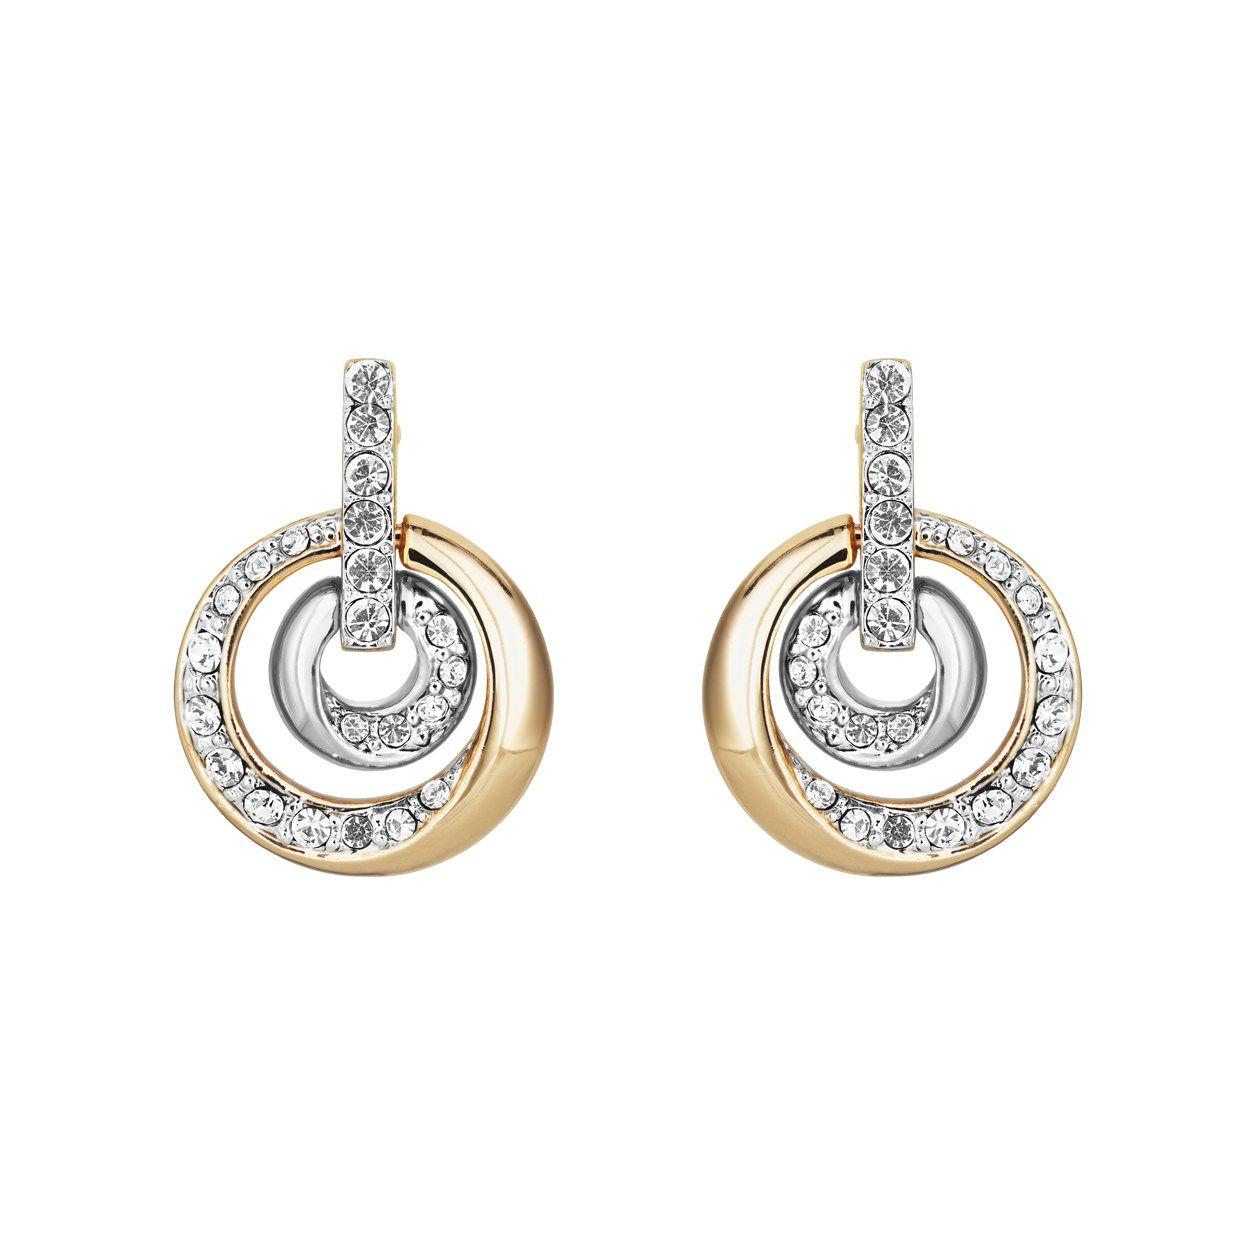 Buckley London Lunar Drop Earrings